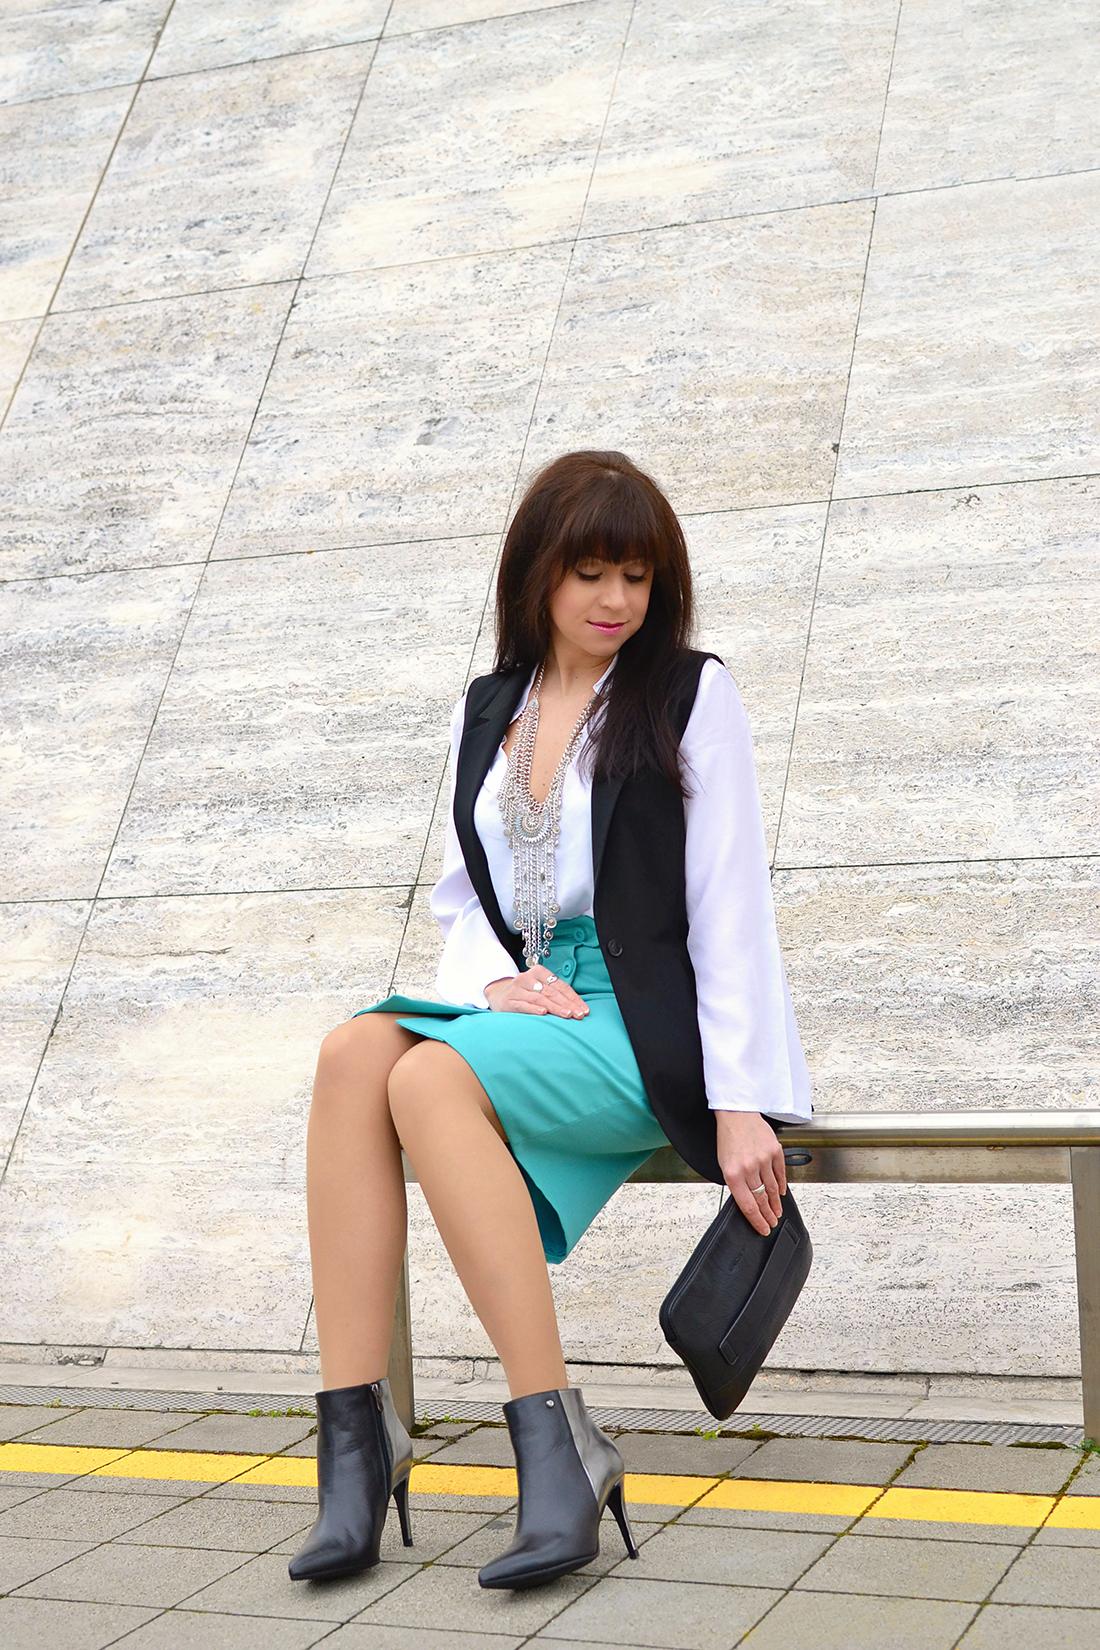 Biela blúzka so zvonovými rukávmi_Katharine-fashion is beautiful_blog 5_Biela blúzka_Čierna vesta_Katarína Jakubčová_Fashion blogger